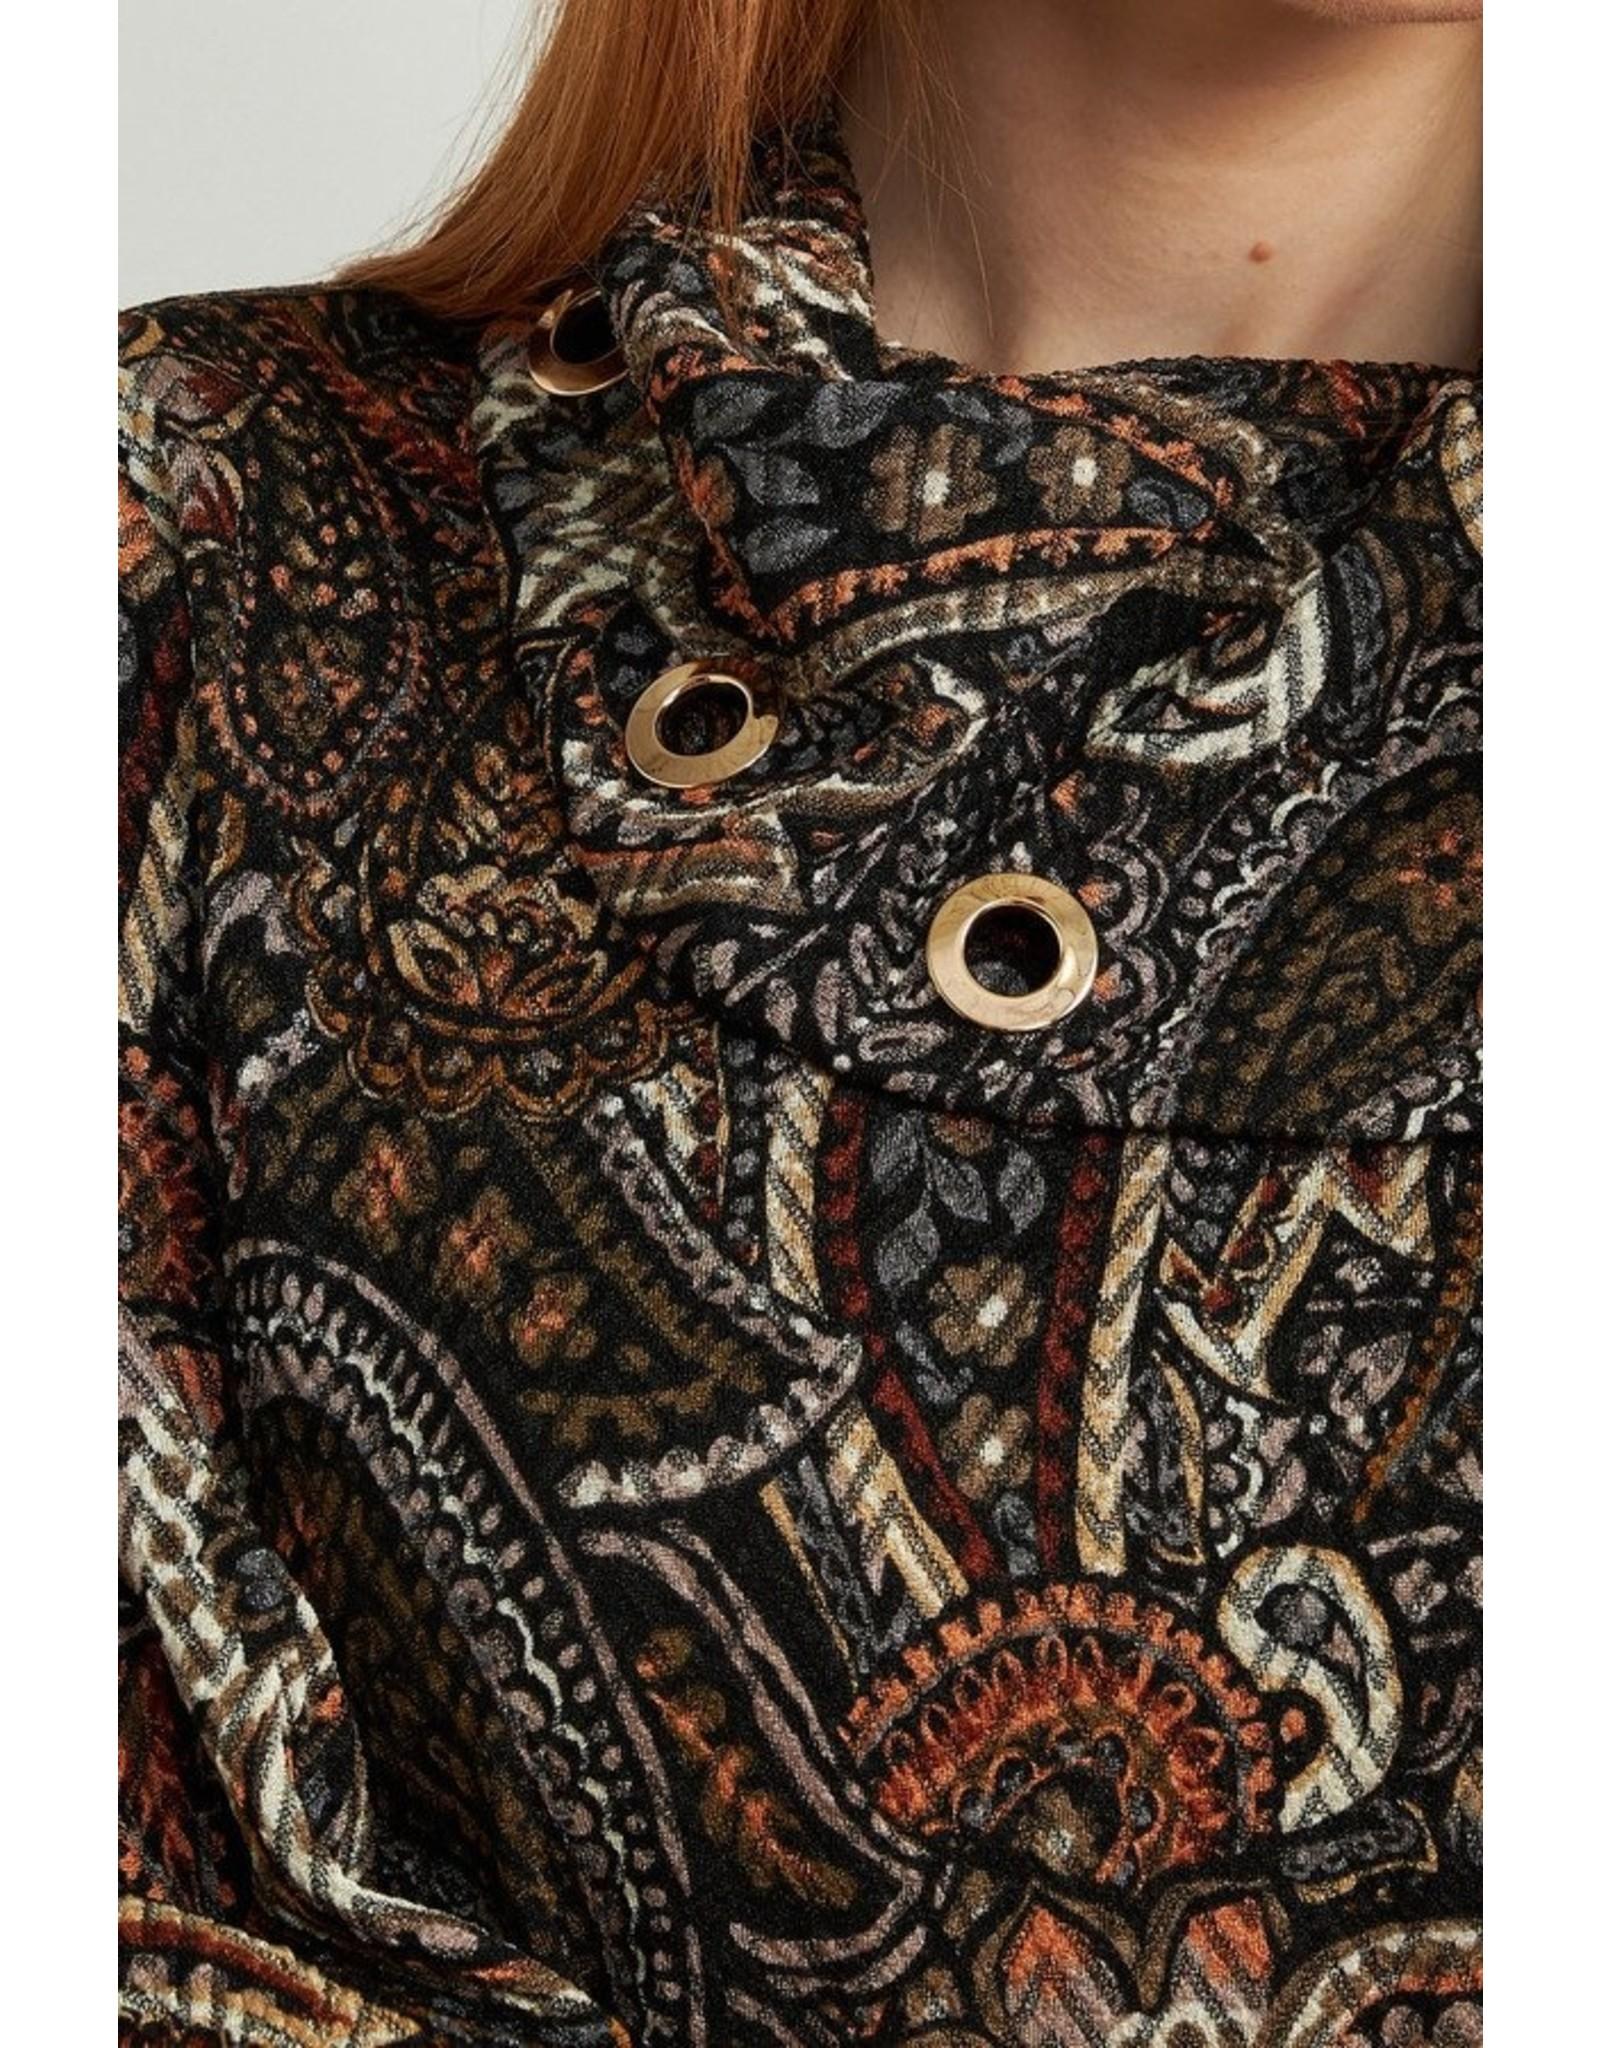 JOSEPH RIBKOFF 213679 DRESS